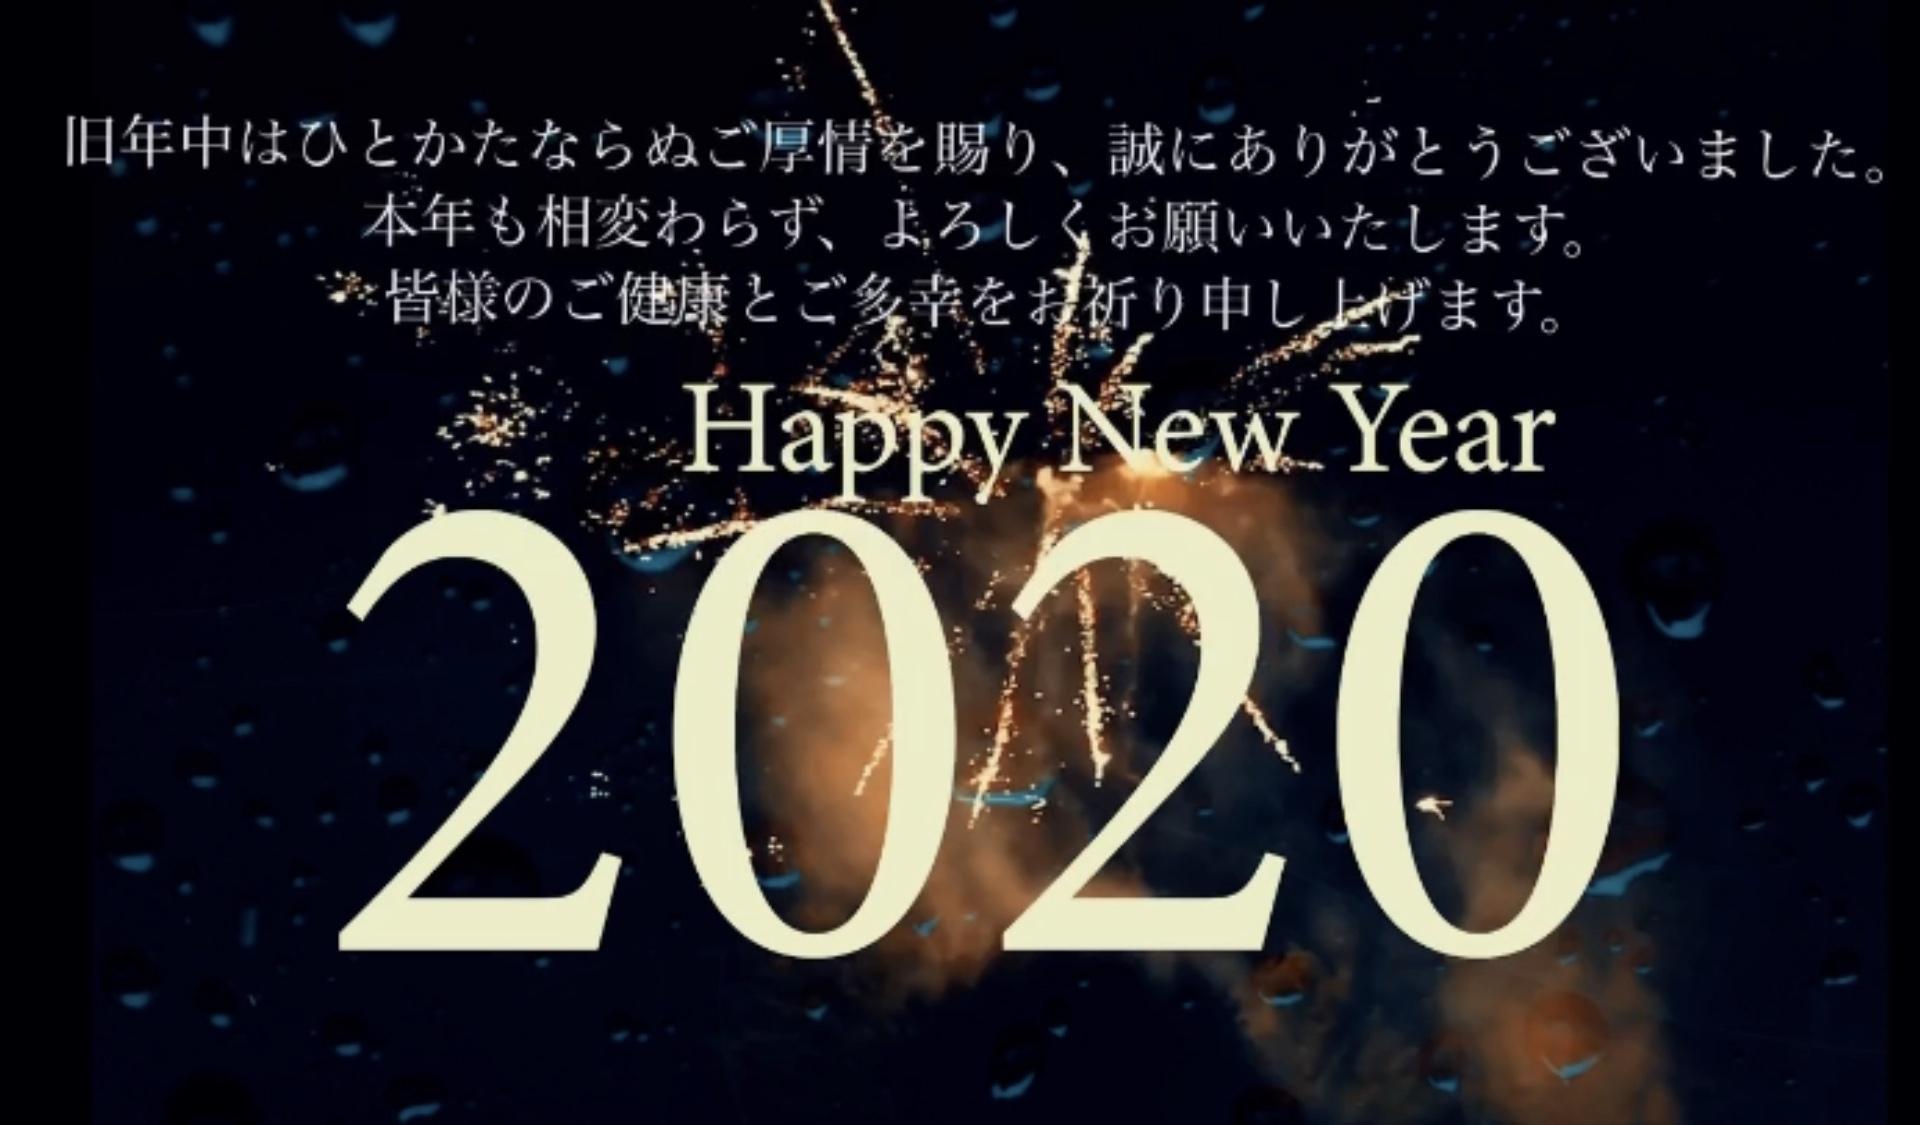 新年の御挨拶 1月2日より通常営業